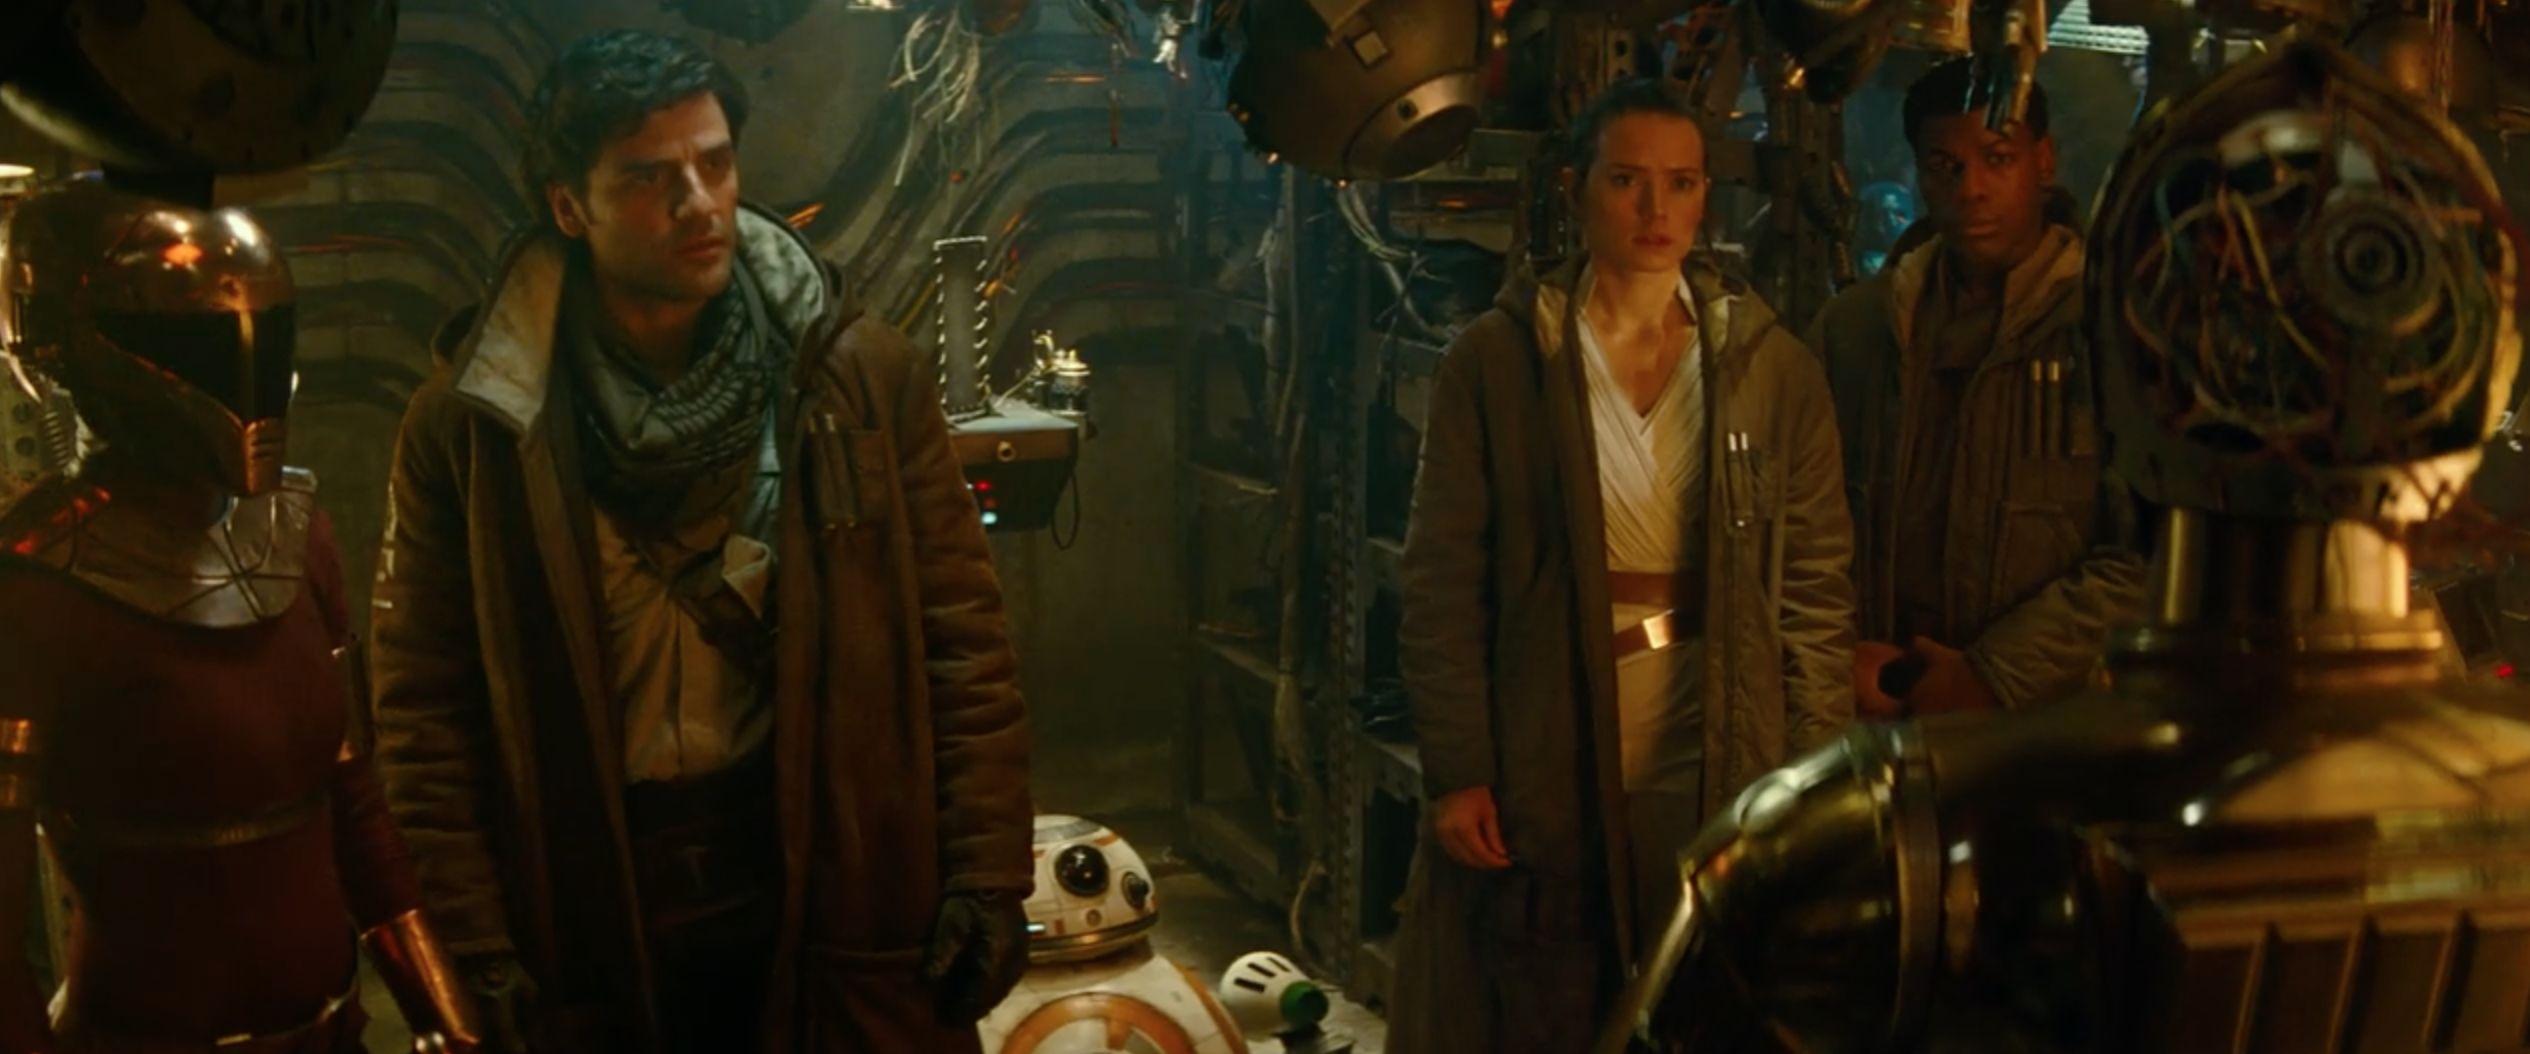 Star Wars The Rise Of Skywalker Final Trailer Breakdown